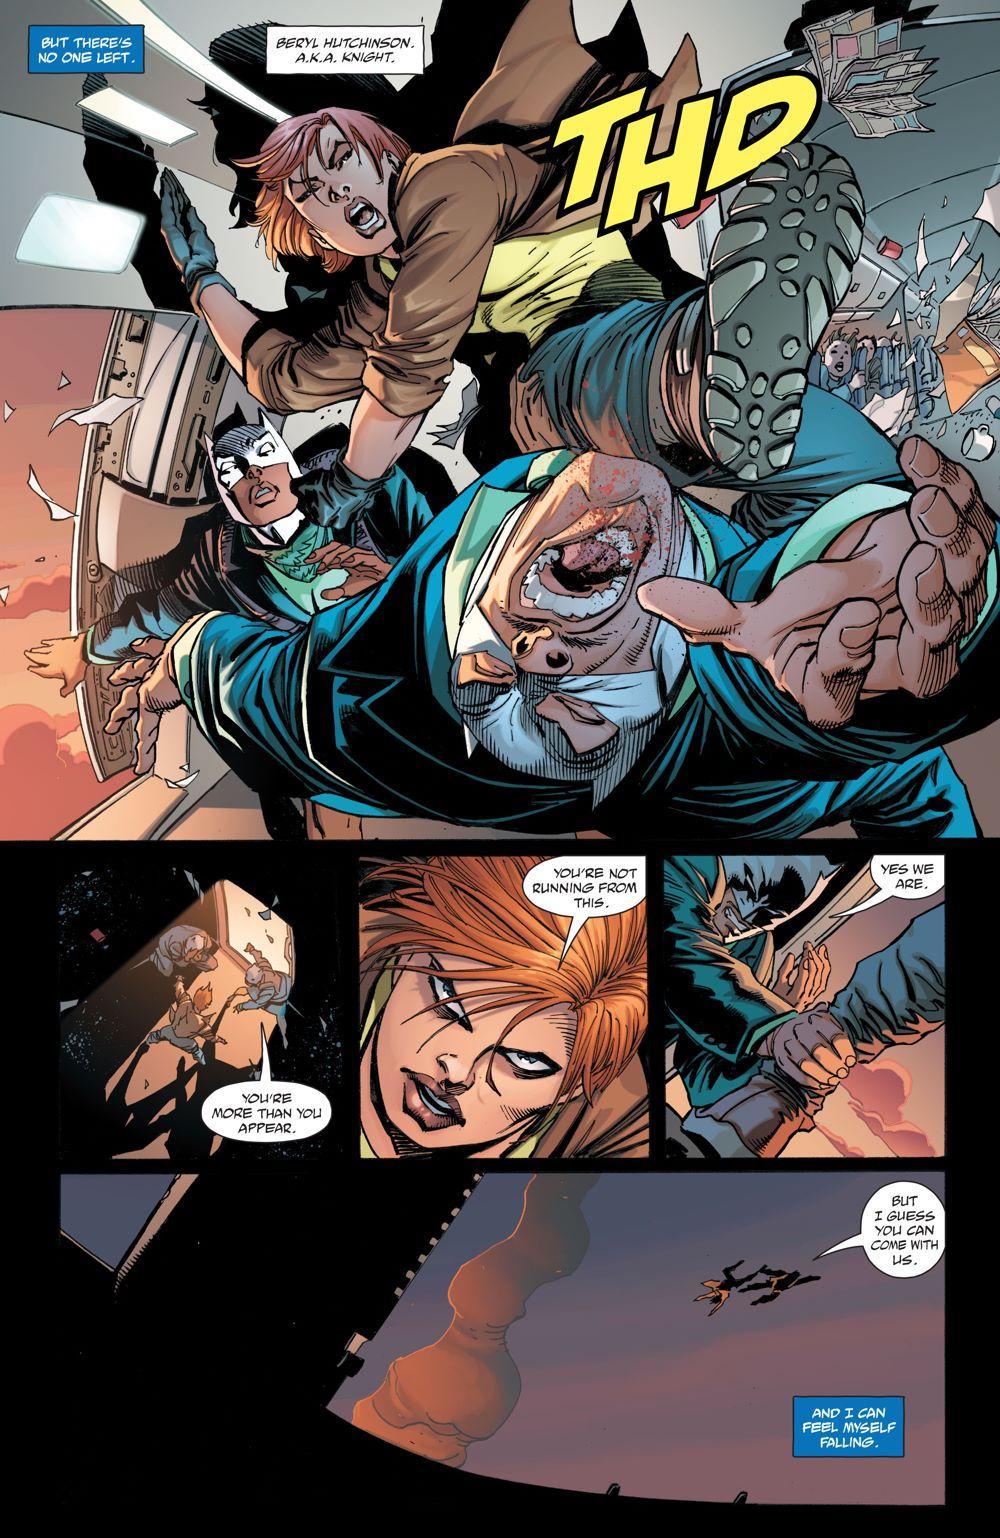 BM_DET_01-6_6070a99b4d5822.57828258 ComicList Previews: BATMAN THE DETECTIVE #1 (OF 6)